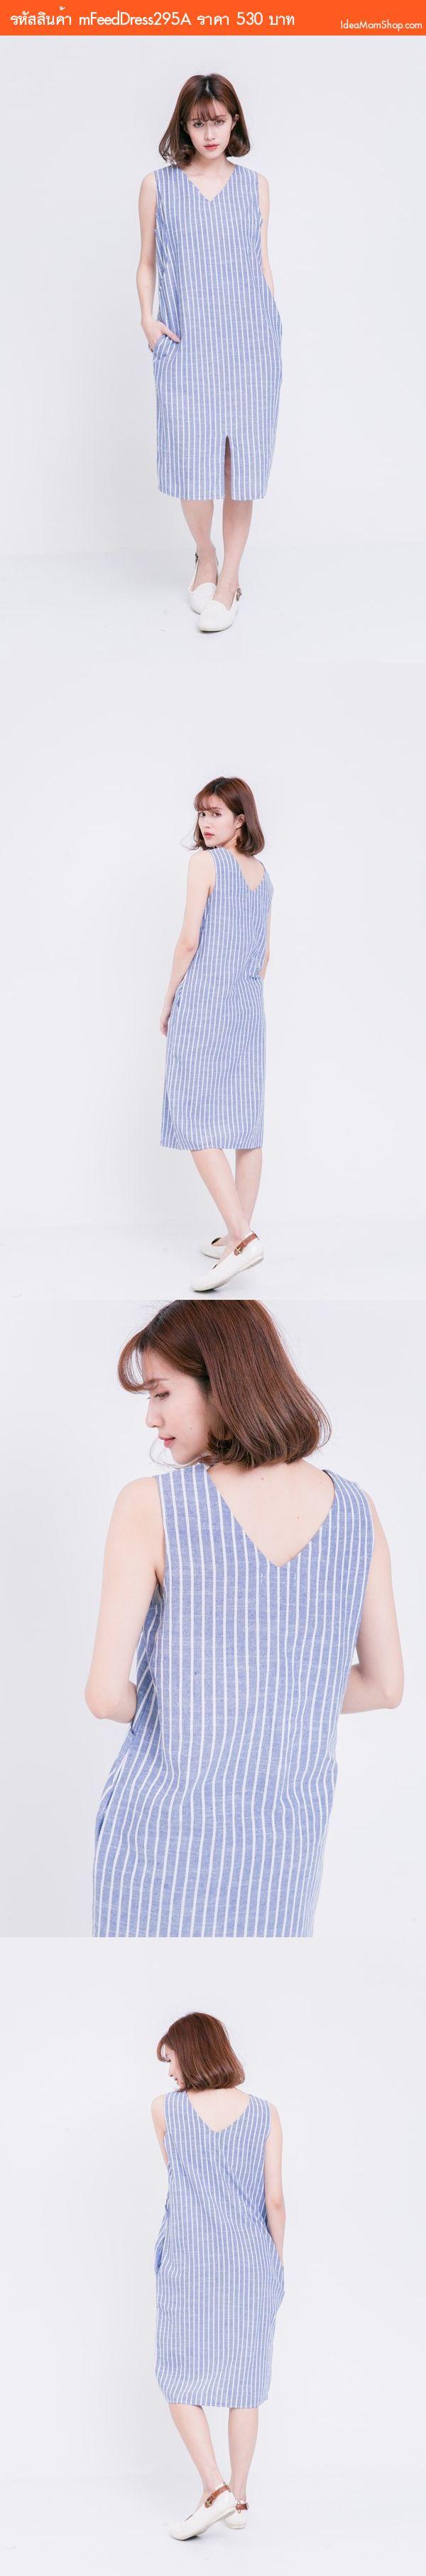 ชุดให้นม คลุมท้อง Stripe Me สีฟ้า